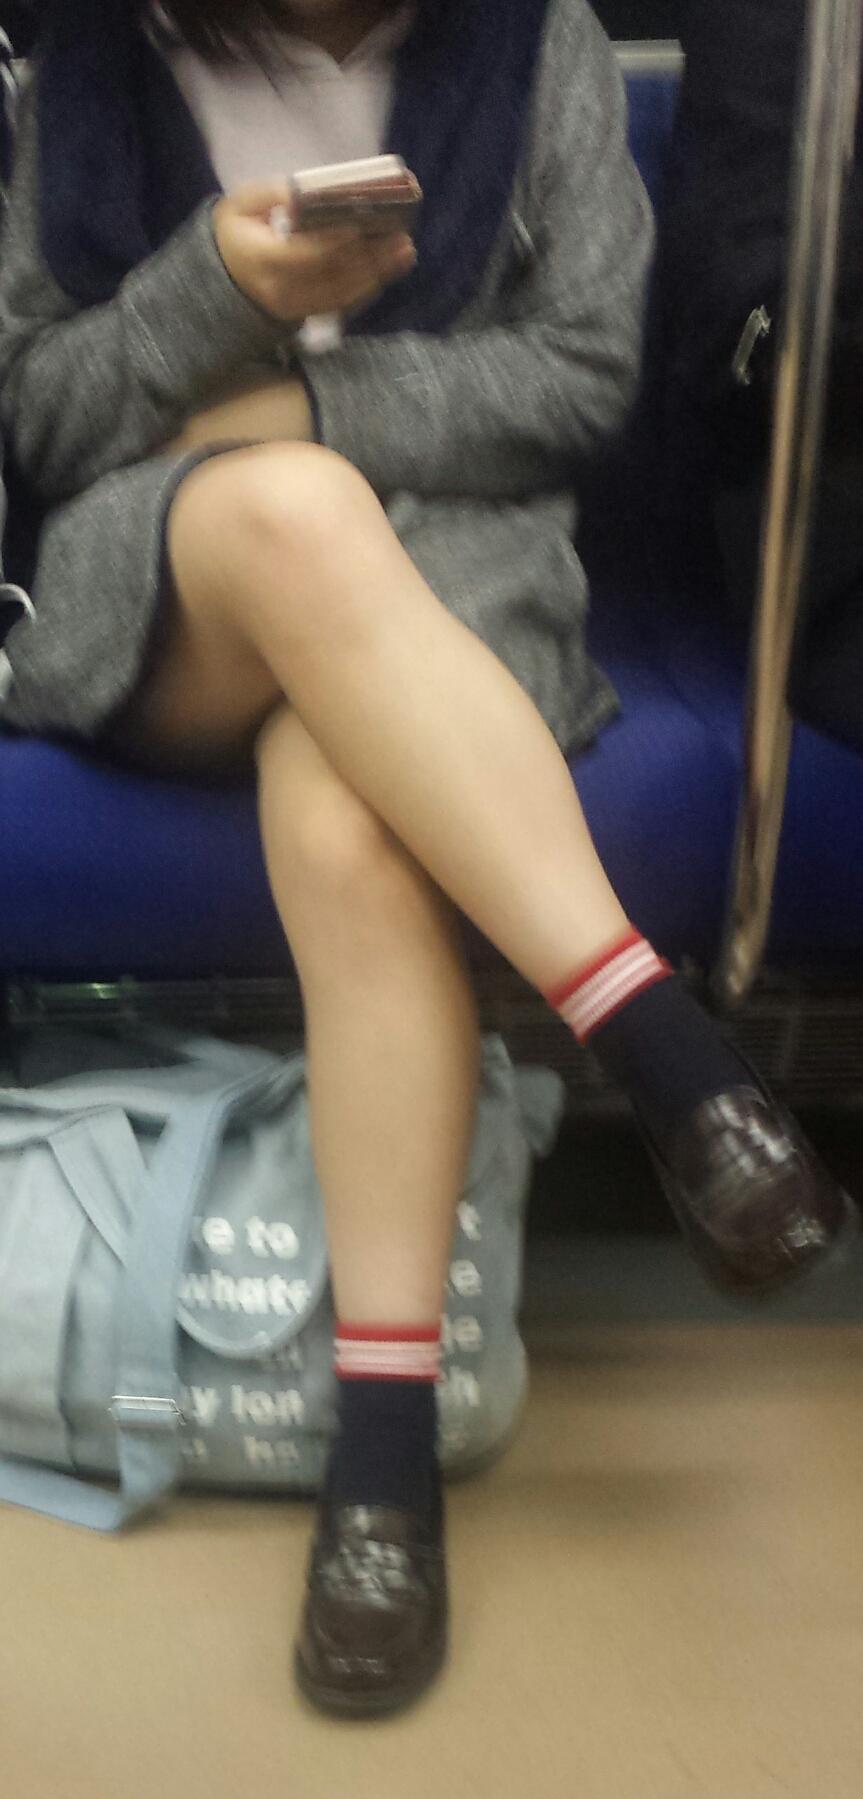 【美脚&チラリズムエロ画像】パンツ見えずとも諦めない!電車の対面から美脚チェックwww 06